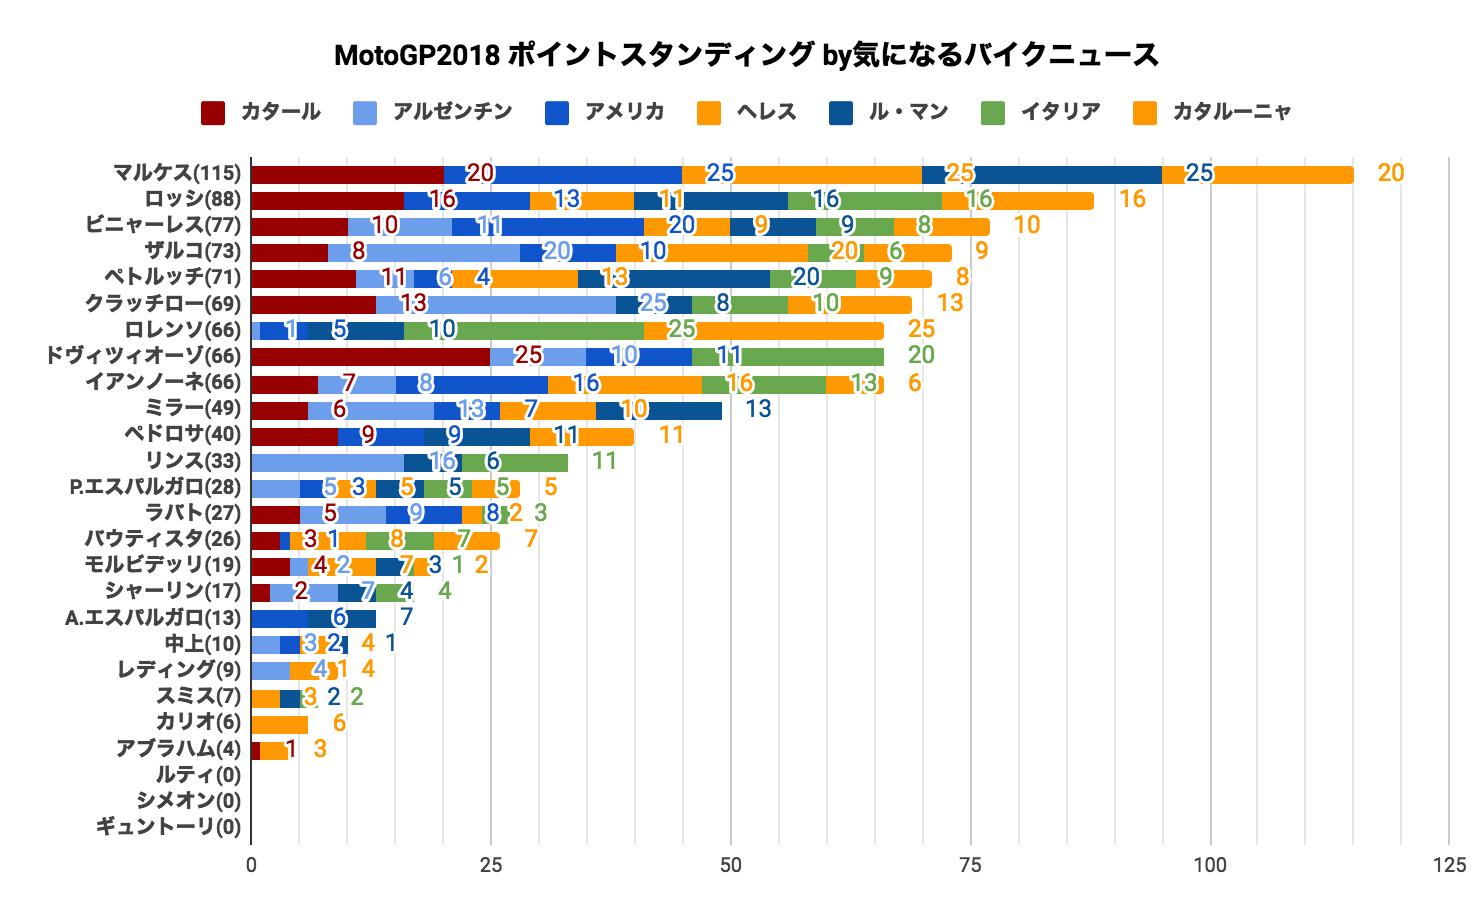 ★MotoGP2018 ポイントスタンディング(2018/06/17時点)